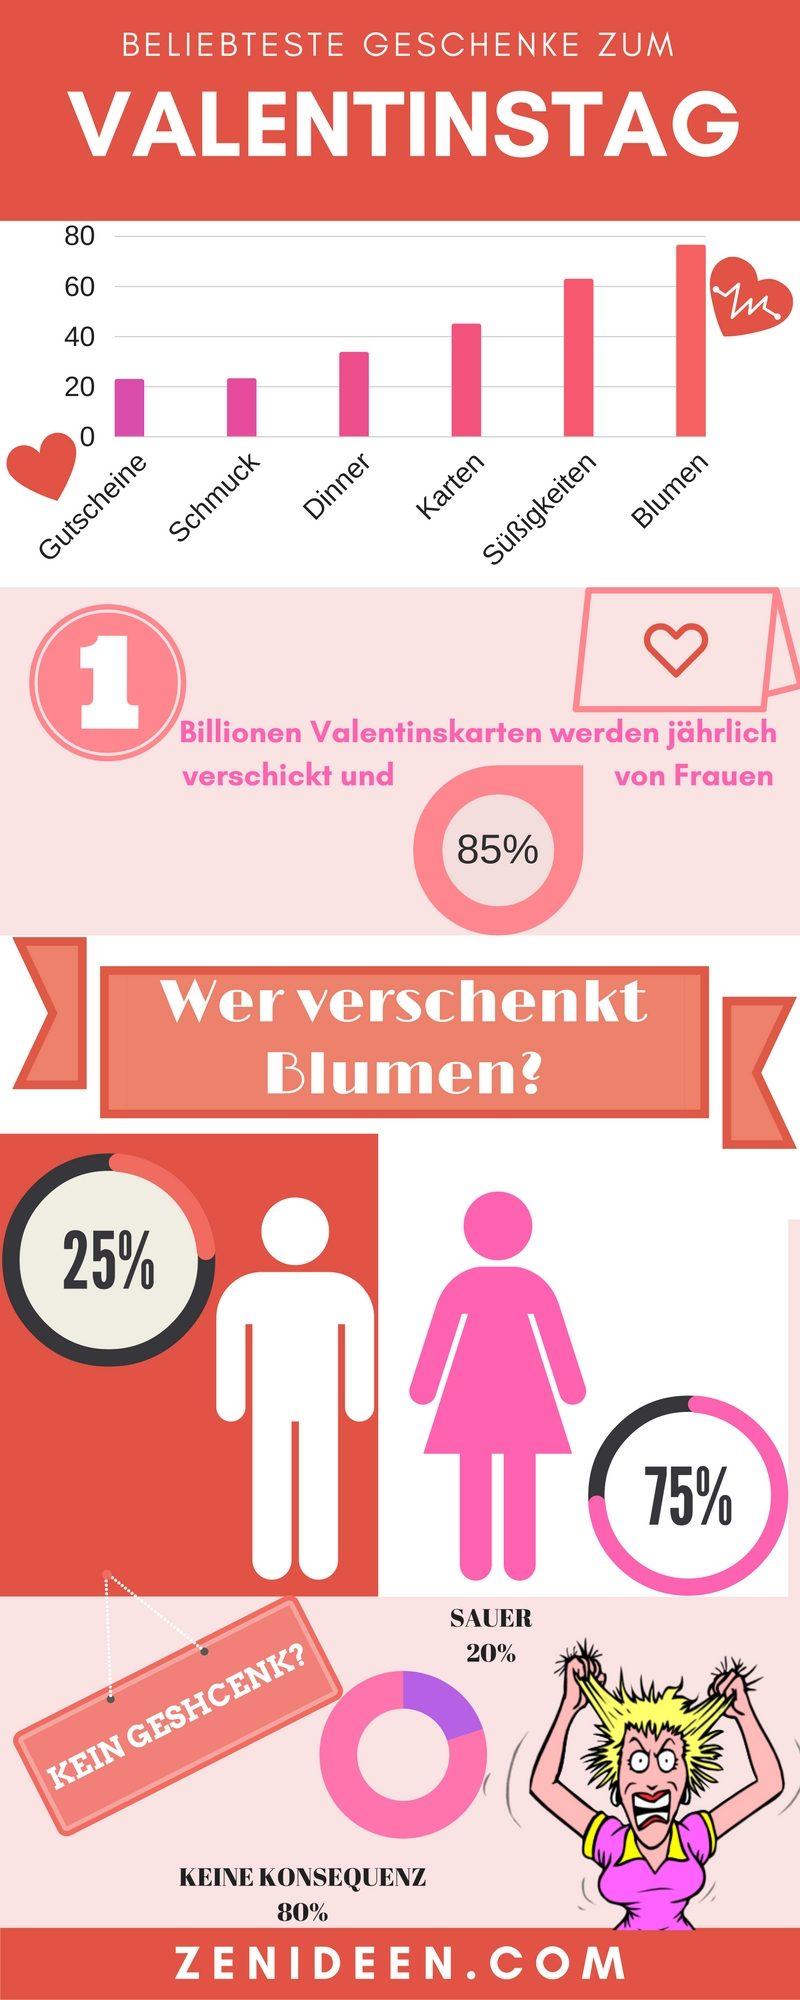 Interessante Fakten zum Valentinstag - beliebteste Geschenke